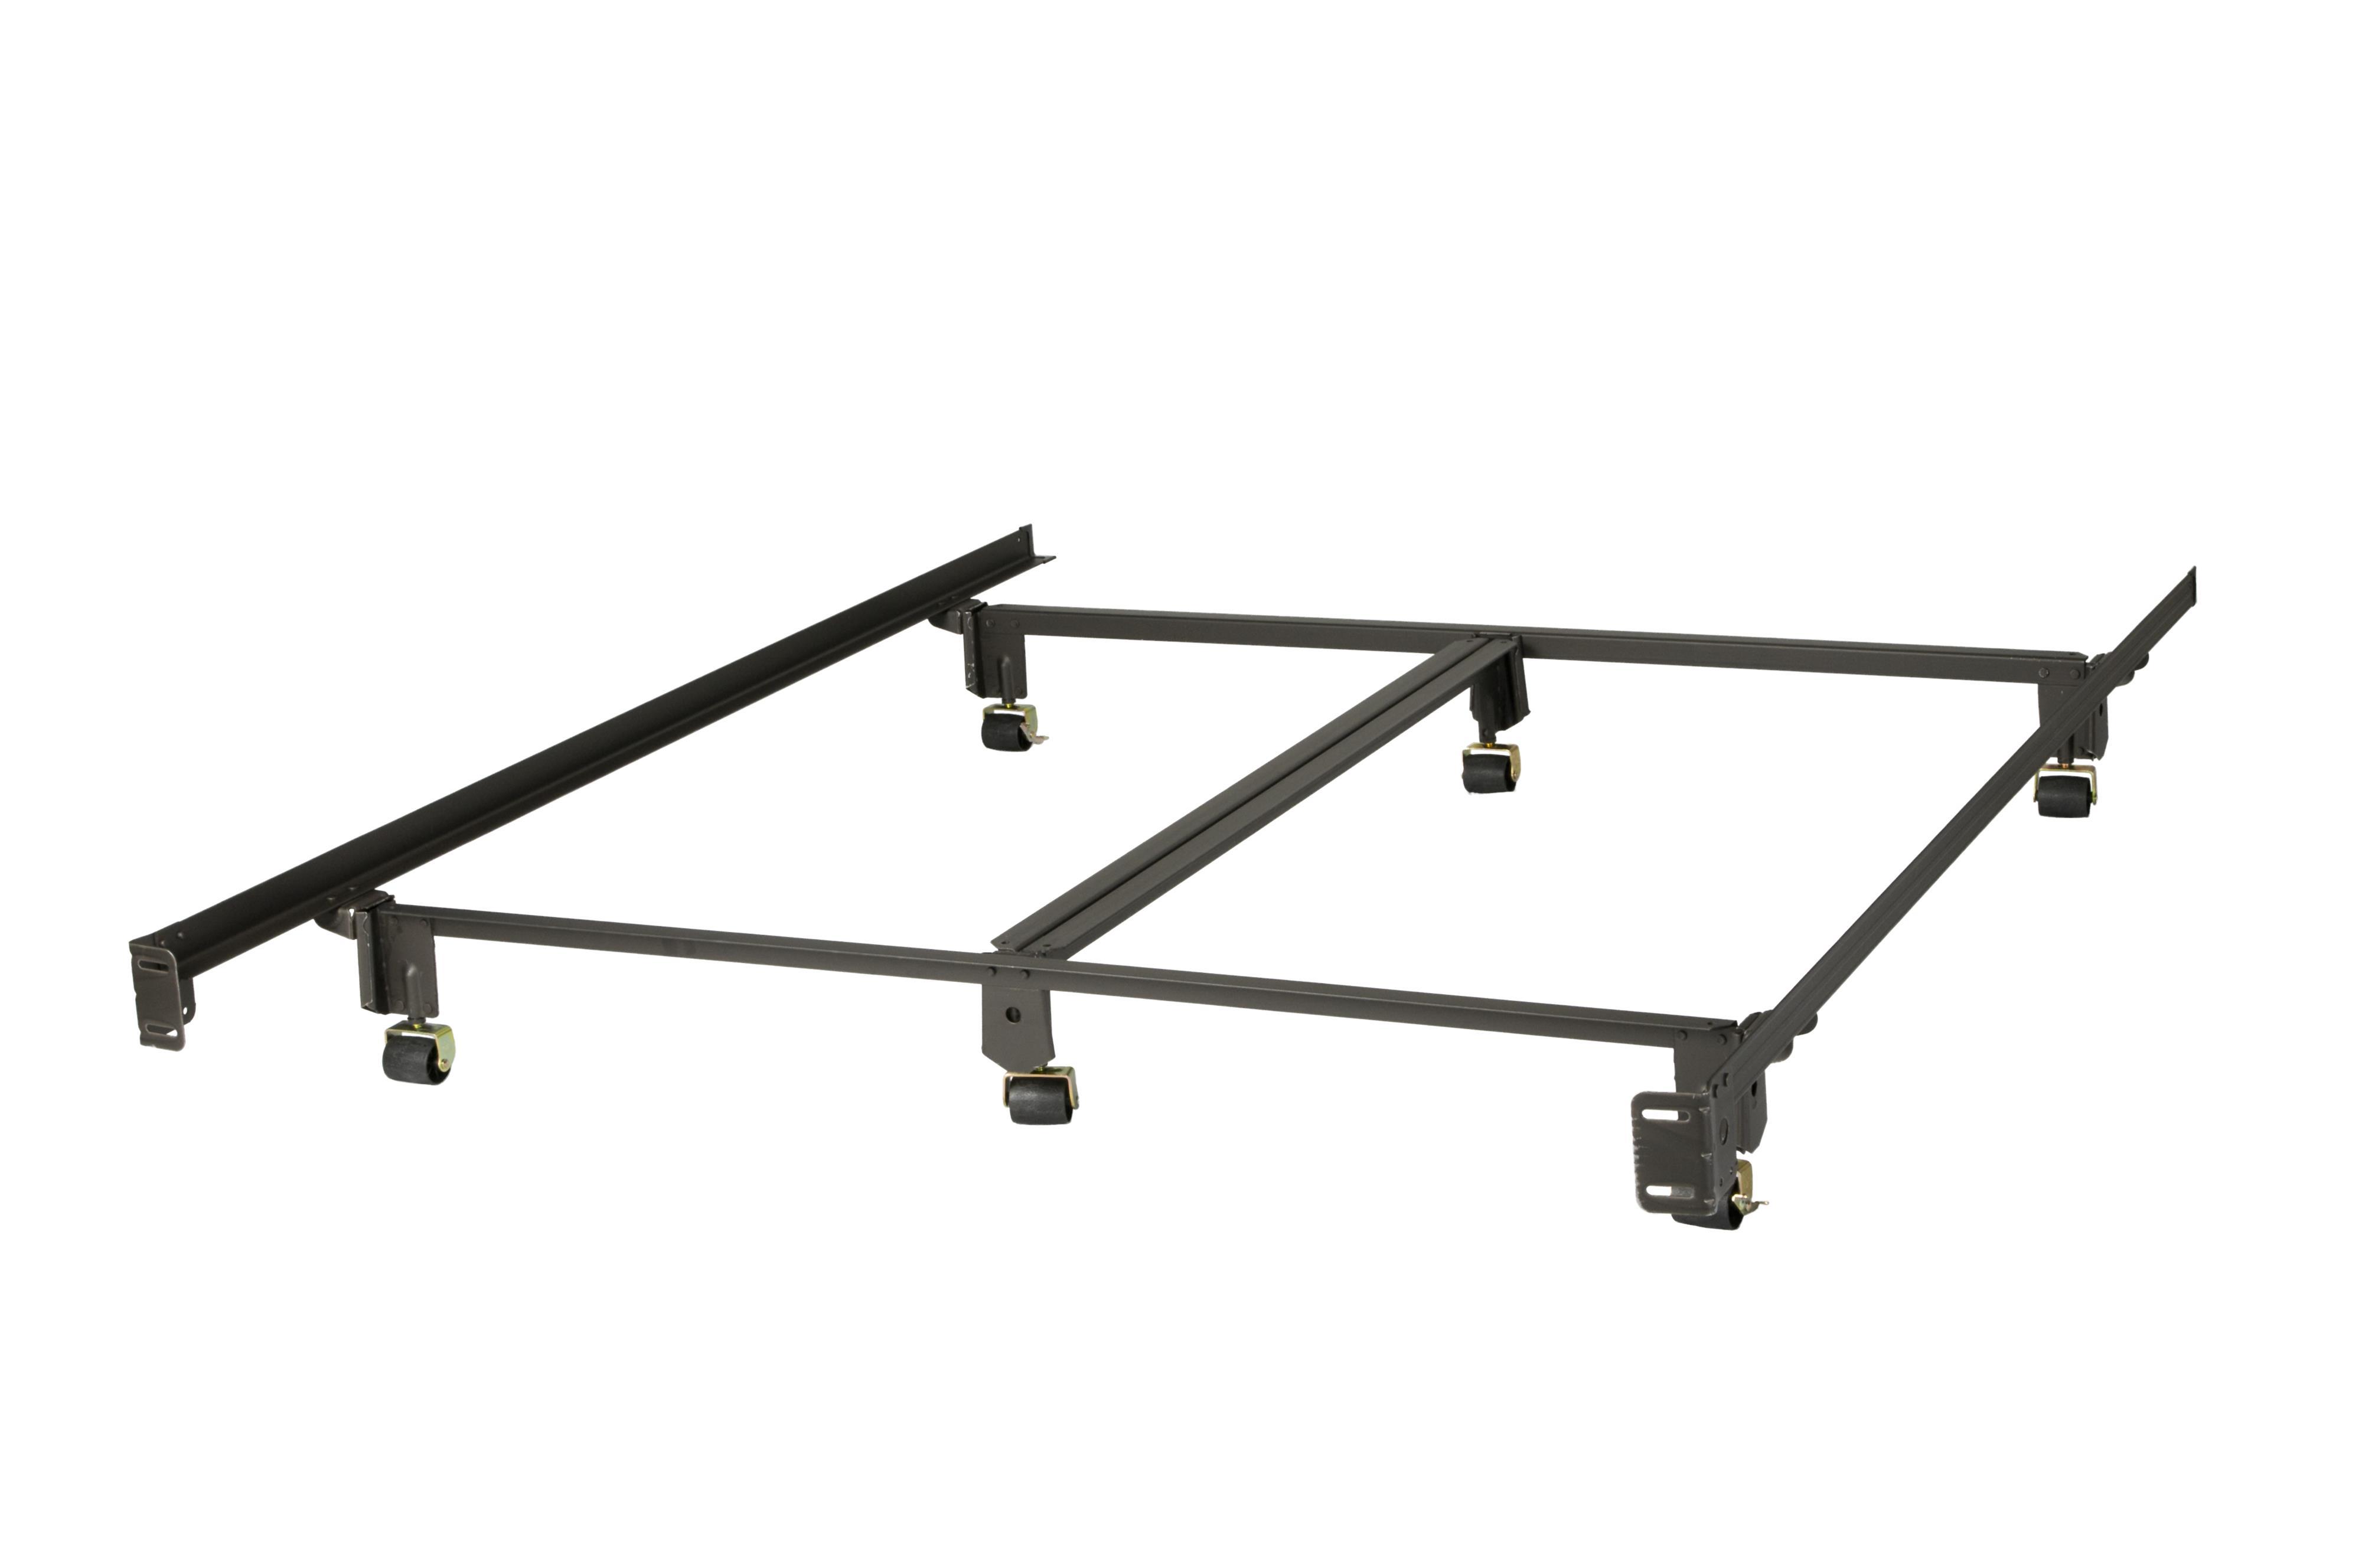 Glideaway Ultra Premium Rug Roller AV King Ultra Premium Rug Roller Frame - Item Number: AV66